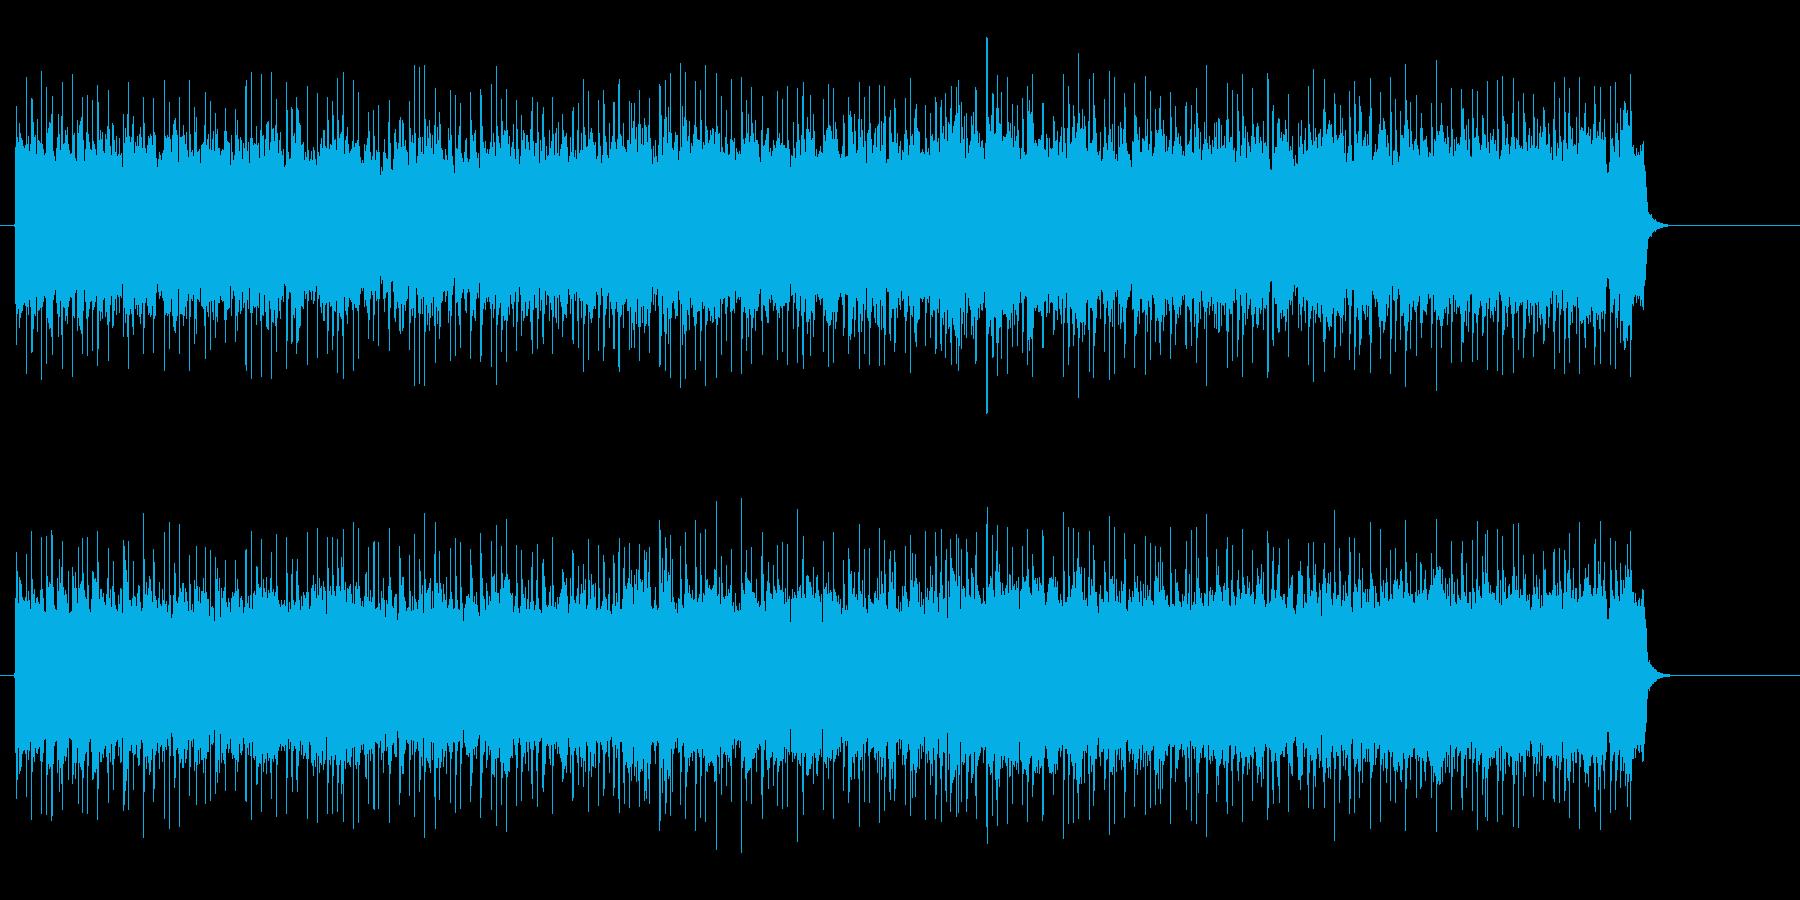 アメリカンロック/ポップ(A~B~A)の再生済みの波形